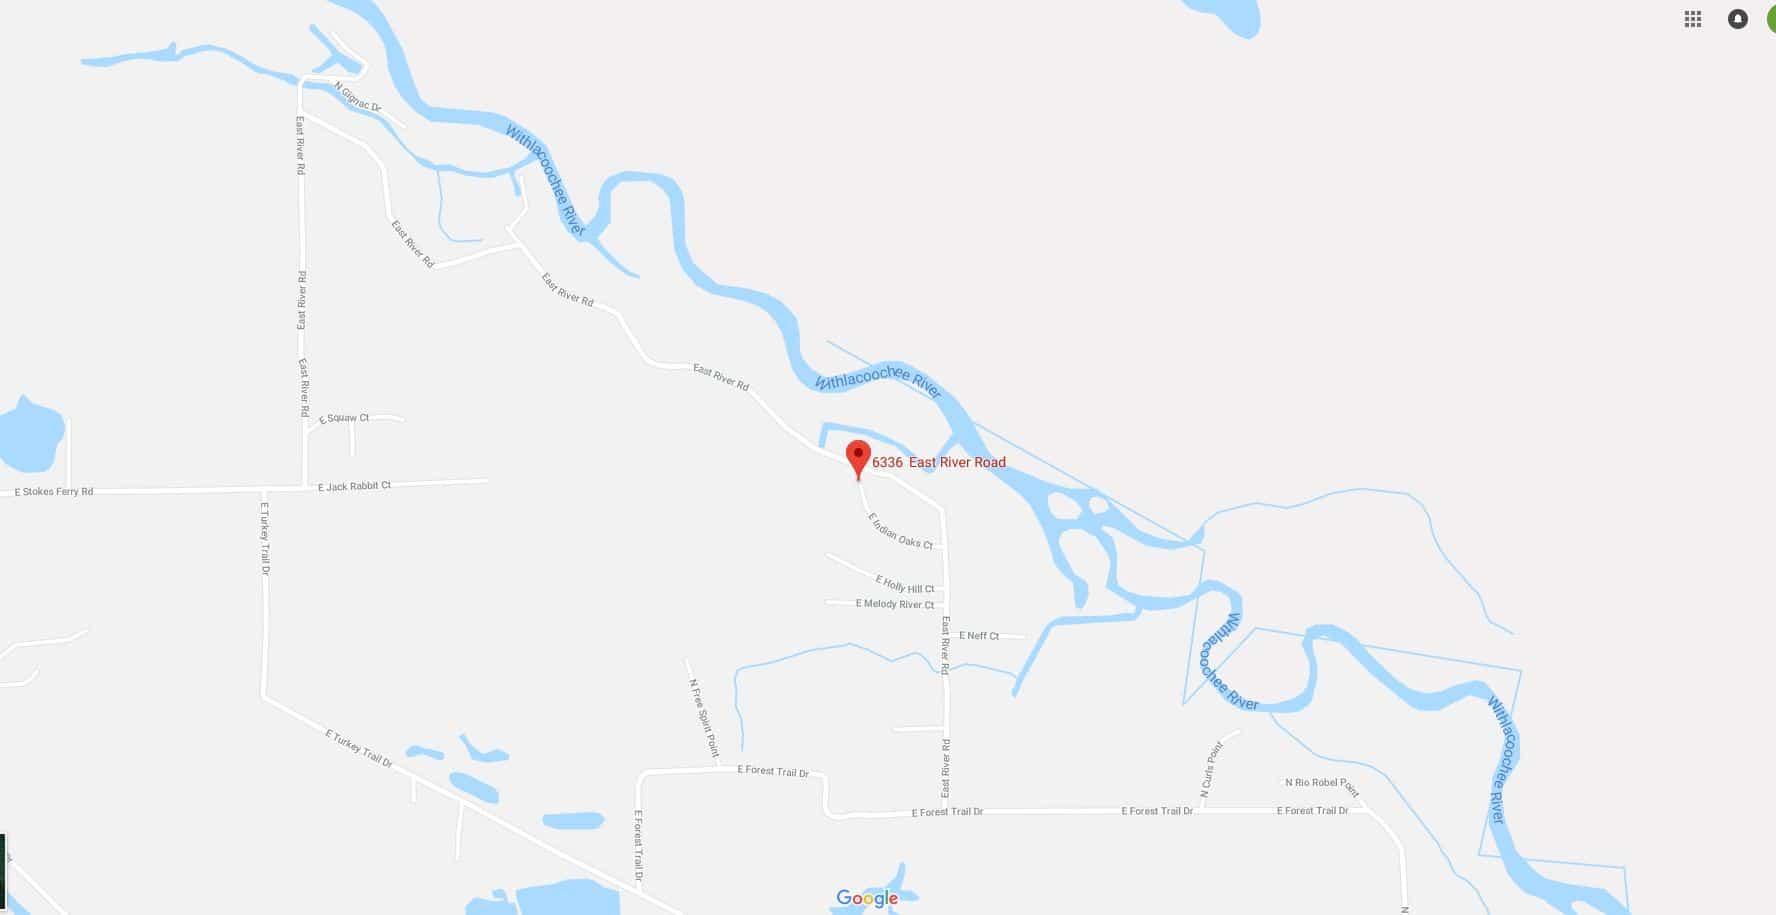 Hernando Florida Map.6336 E River Rd Hernando Florida Terrenos Na Florida